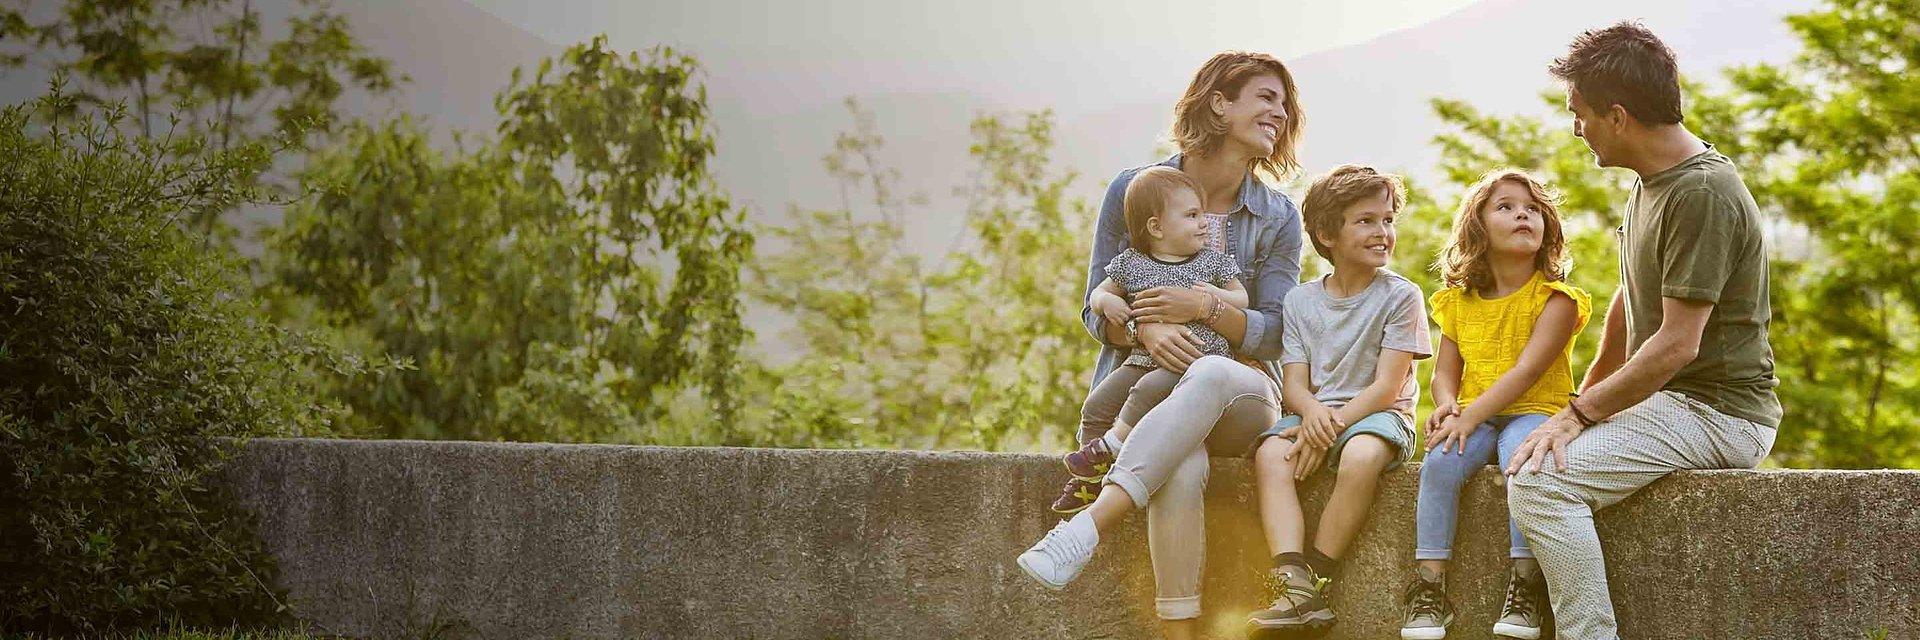 Zniżka dla dużych rodzin w ubezpieczeniu Twoje Życie